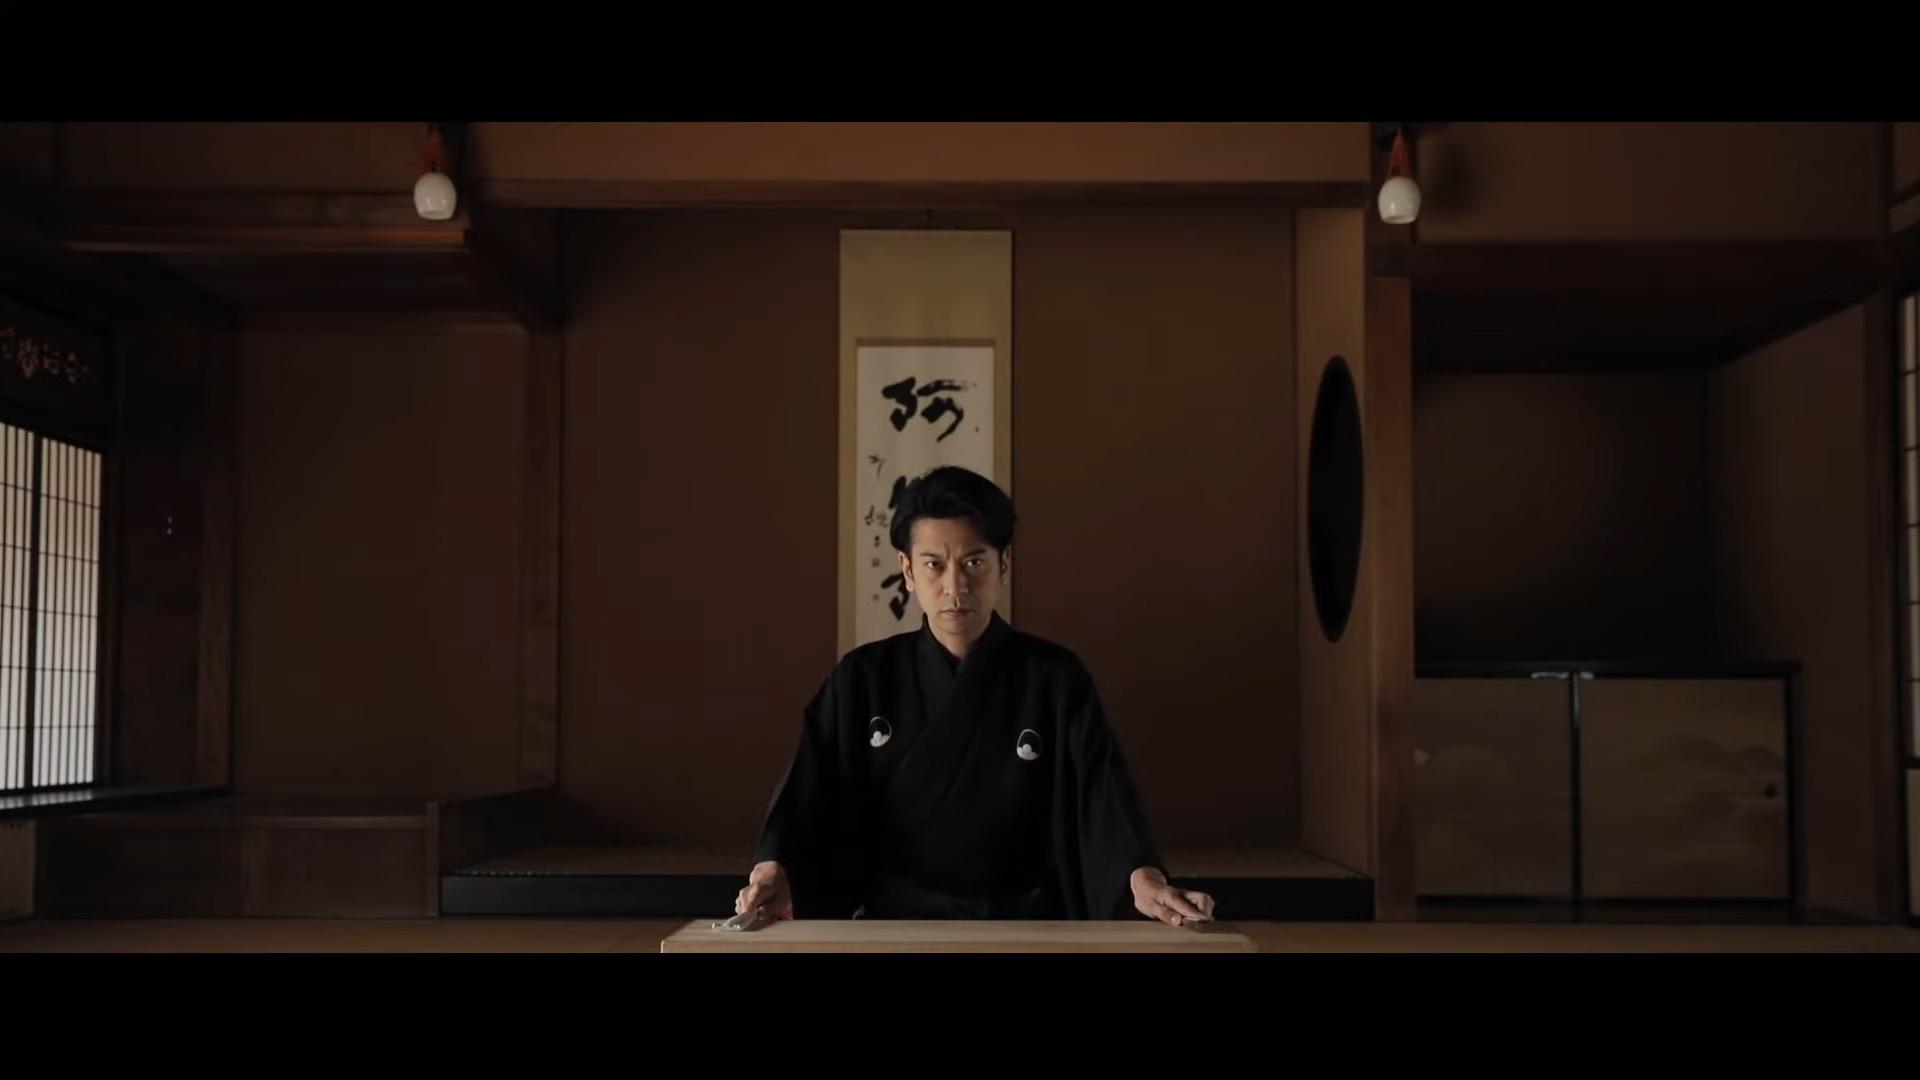 長島軍記 〜伊勢長島一向一揆 450年~」旭堂南龍 feat. Mummy-D